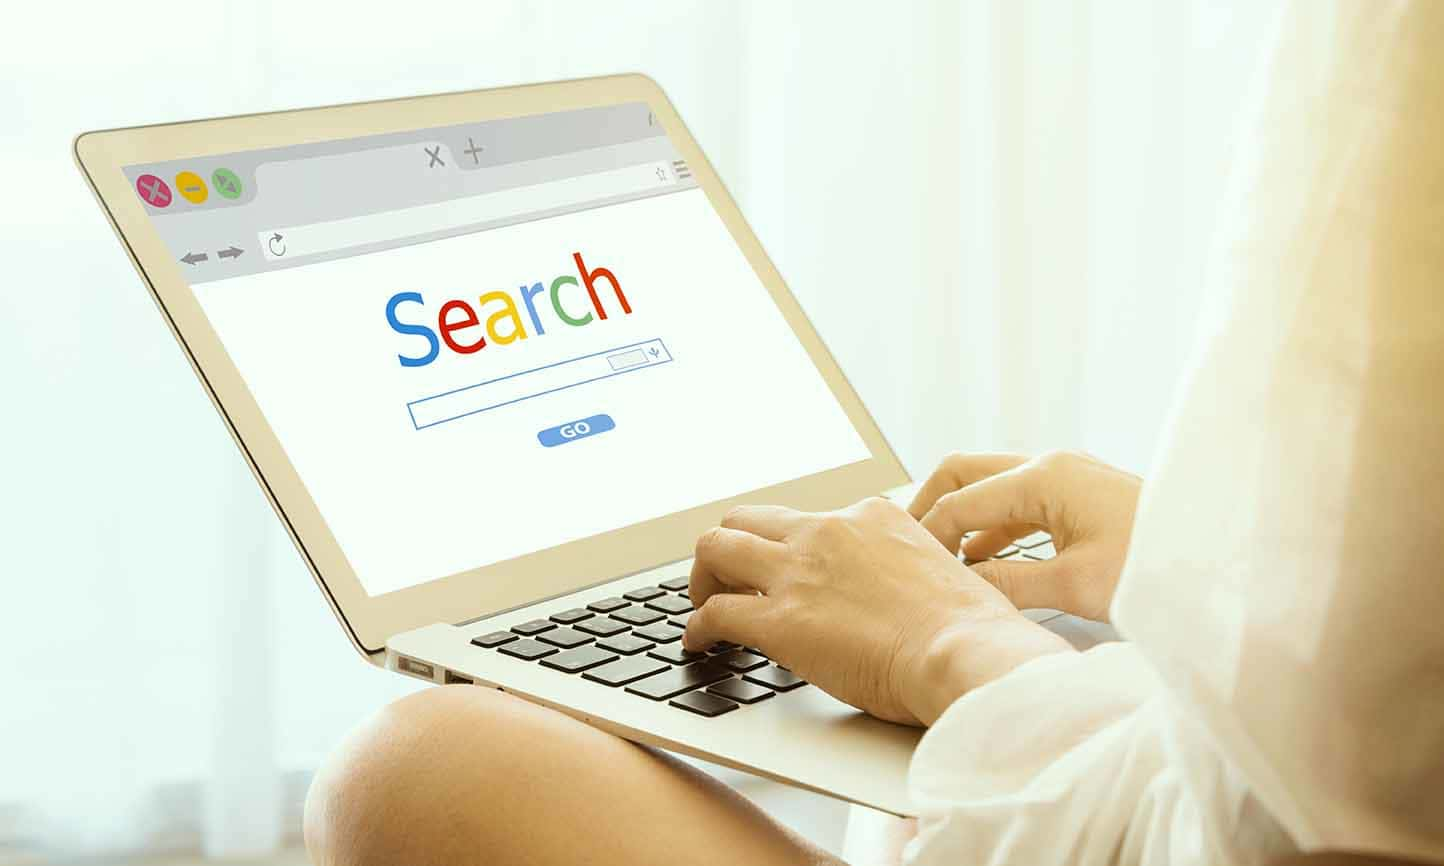 検索エンジンに関してのアドバイス